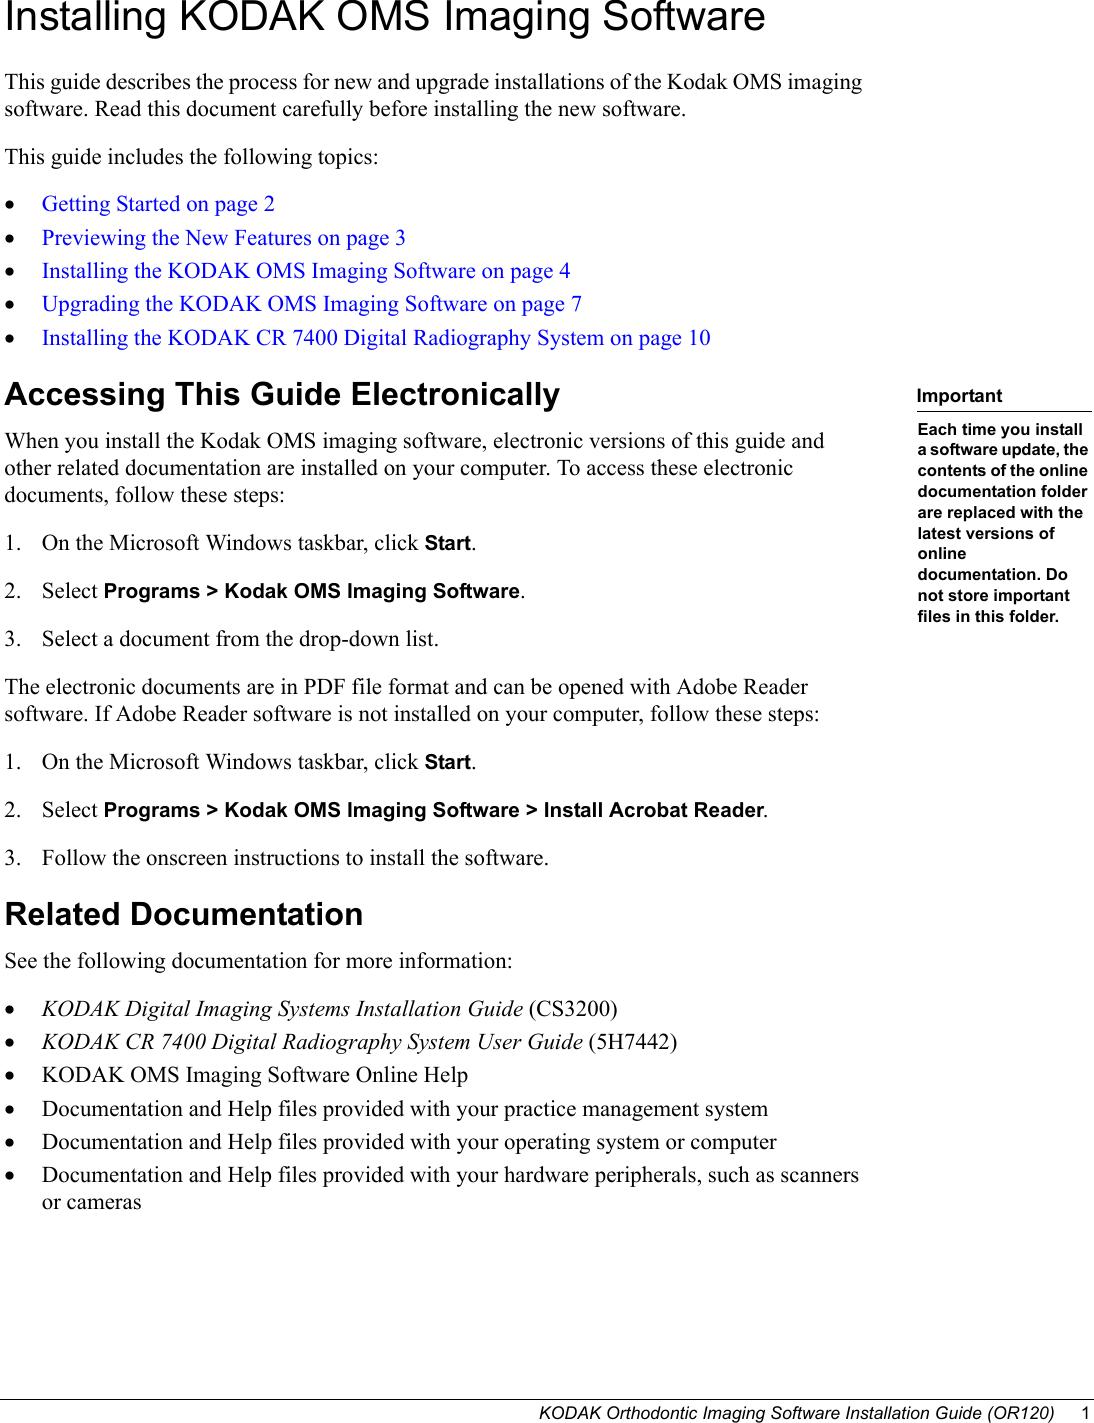 Kodak Ol400 10 Users Manual OL400_10